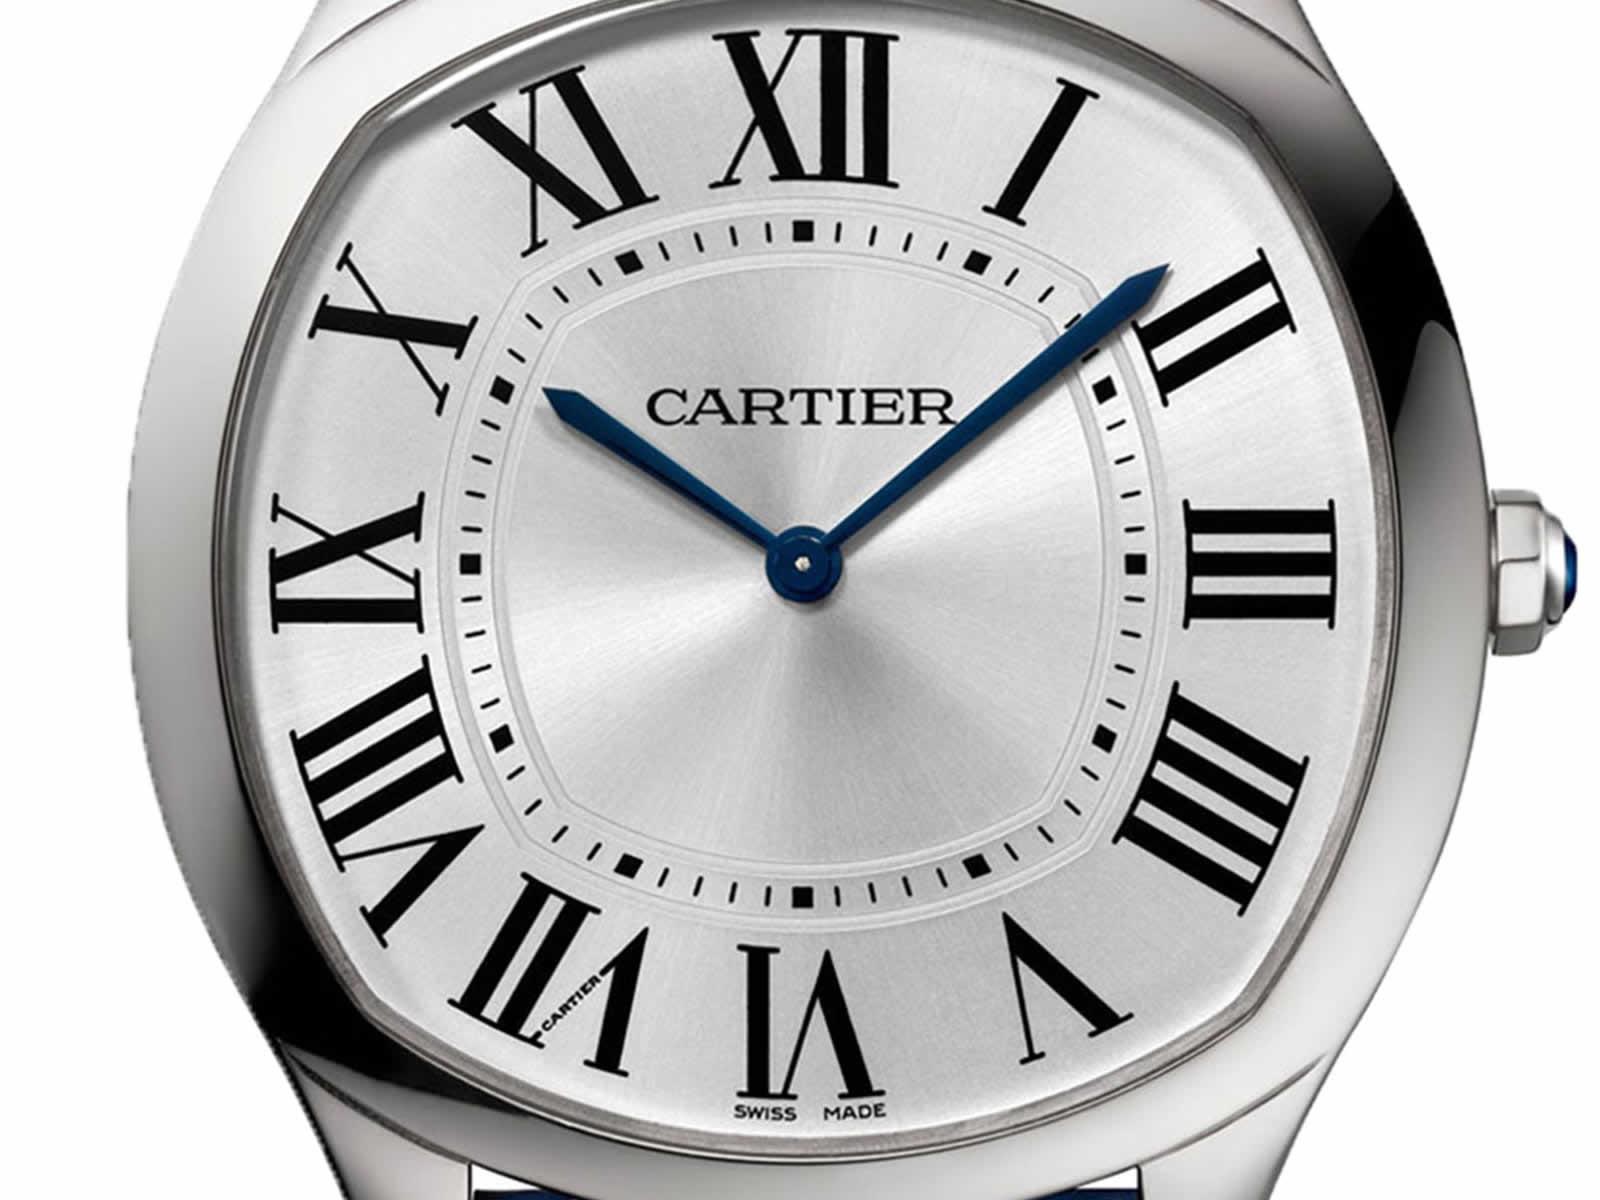 The-Cartier-Drive-de-Cartier-Dial-Sihh2018.jpg